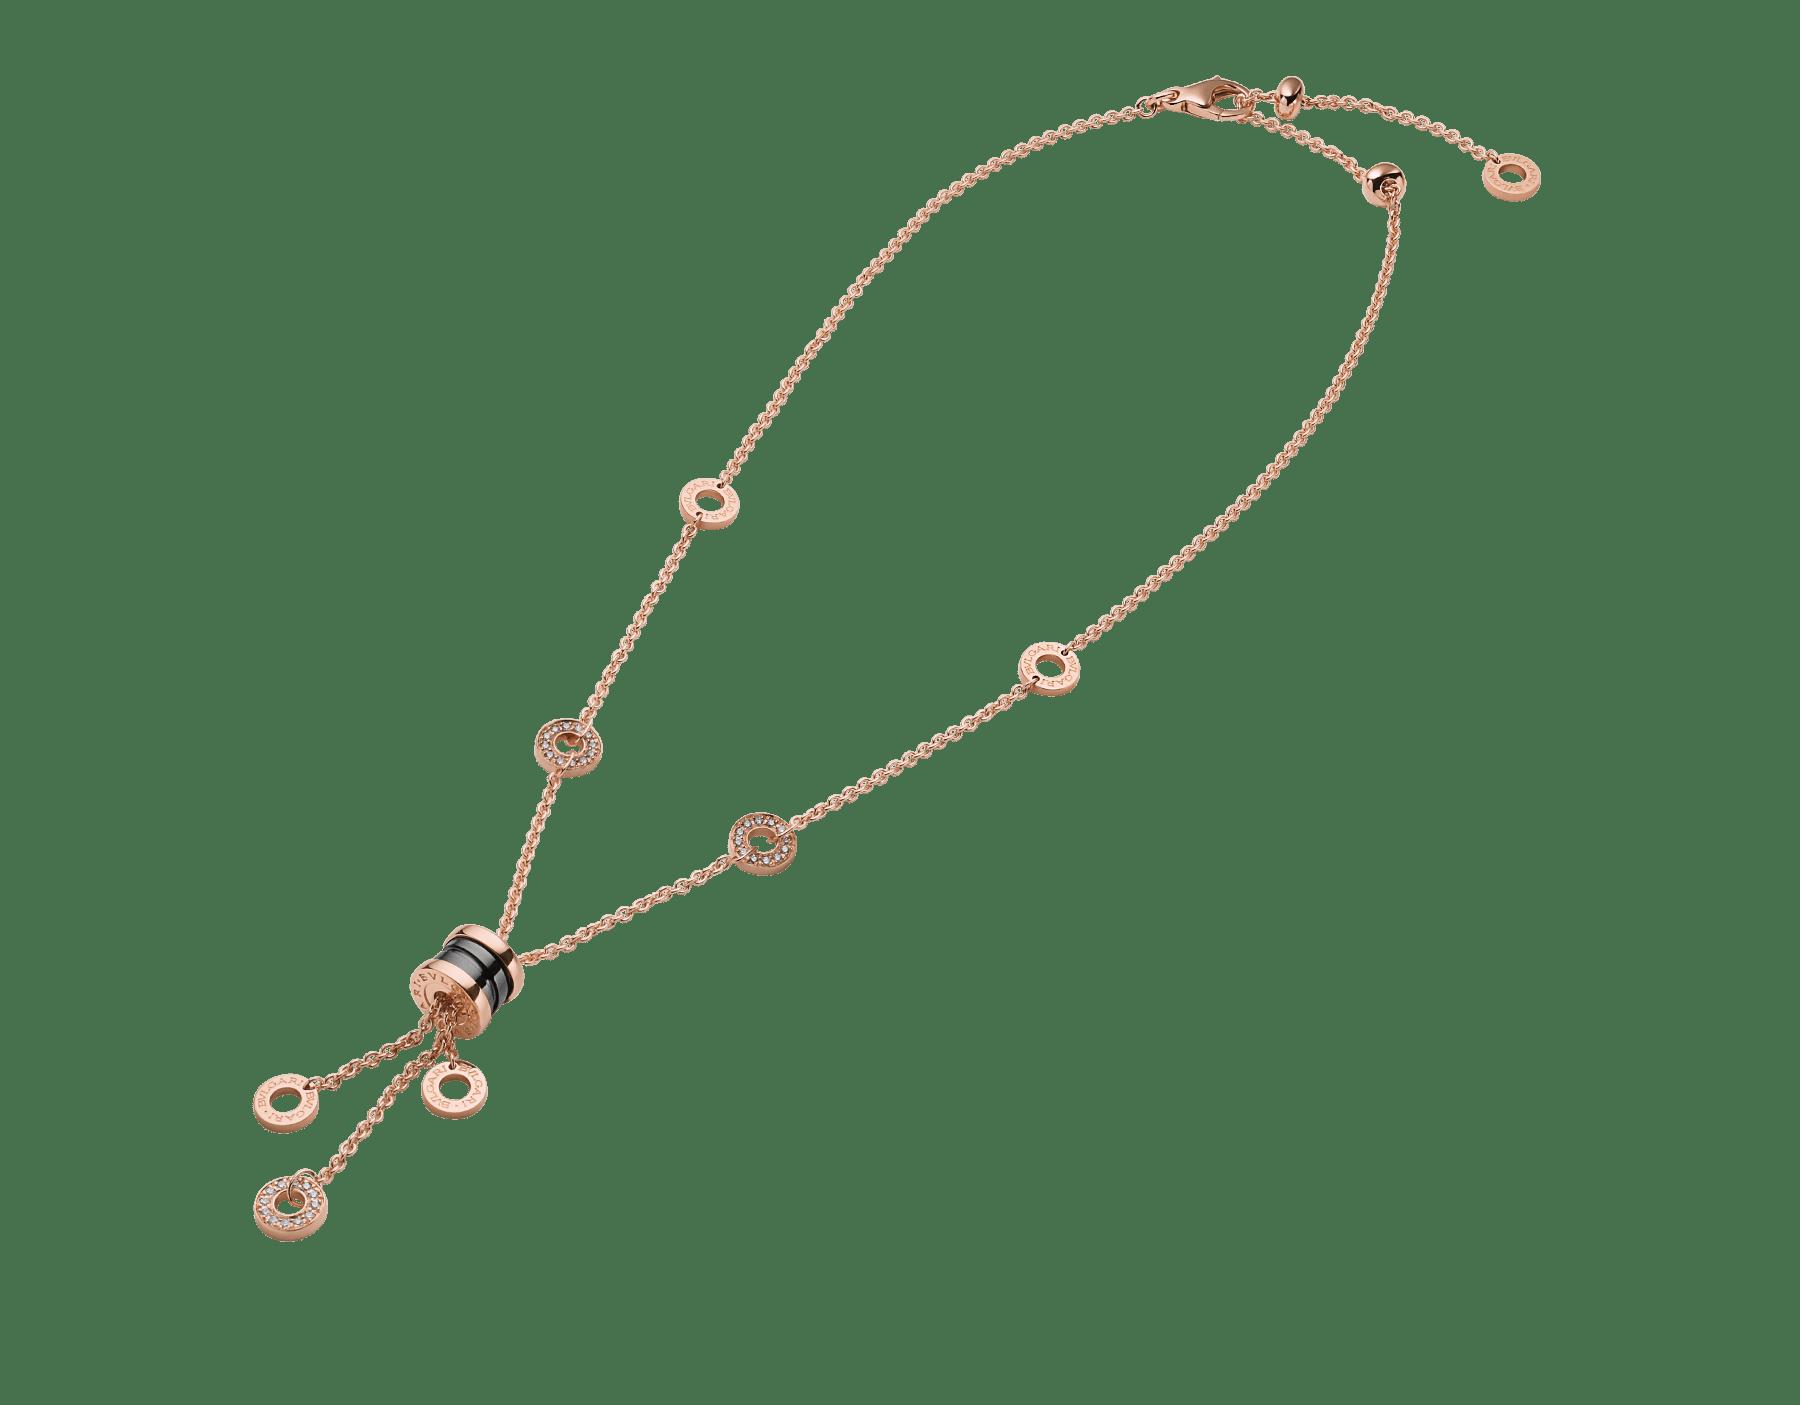 Colar B.zero1 com corrente em ouro rosa 18K cravejada com pavê de diamantes, pingente em ouro rosa 18K e cerâmica preta. 347578 image 2